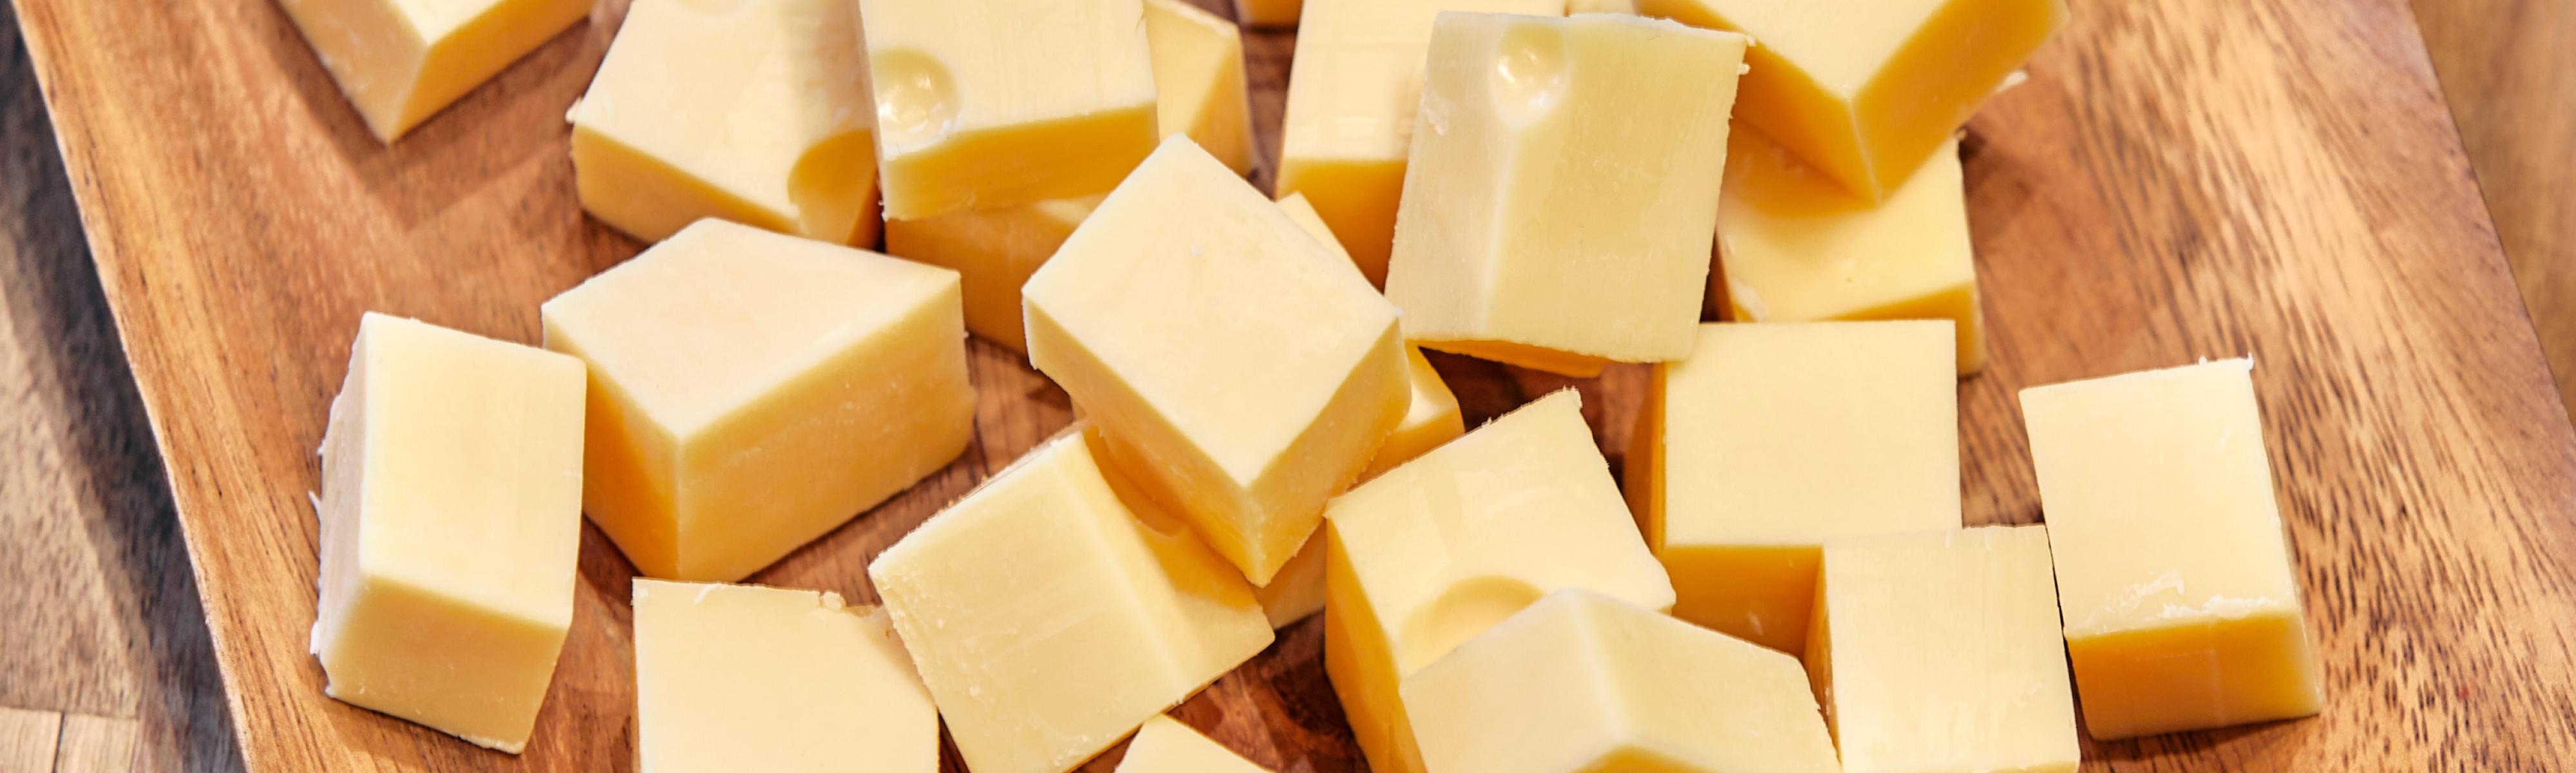 Waarom is kaas geel?